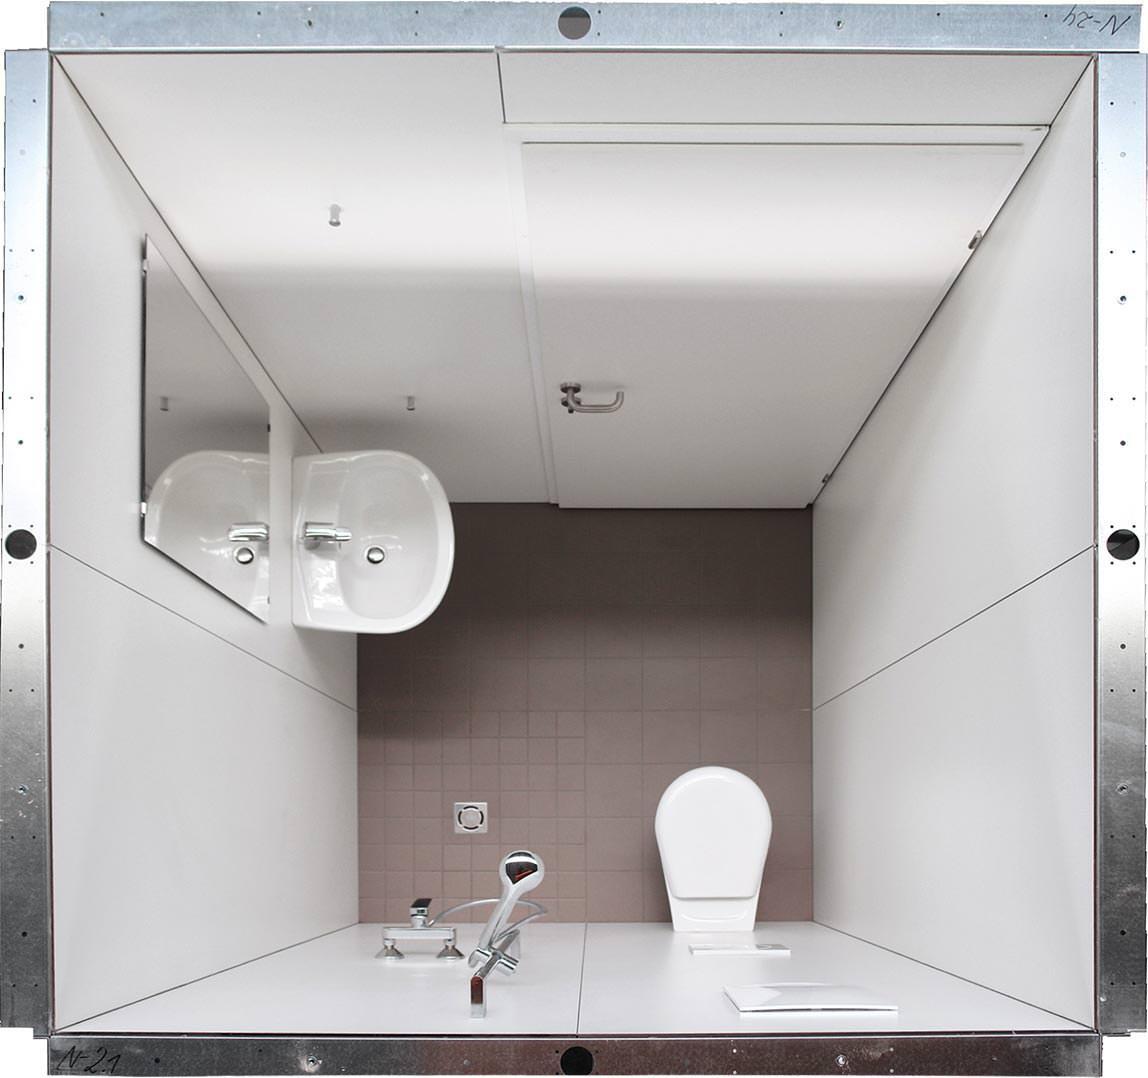 vorwand wc haustechnik oliver m ller gas wasser heizung solar fliesenleger und maler casa. Black Bedroom Furniture Sets. Home Design Ideas